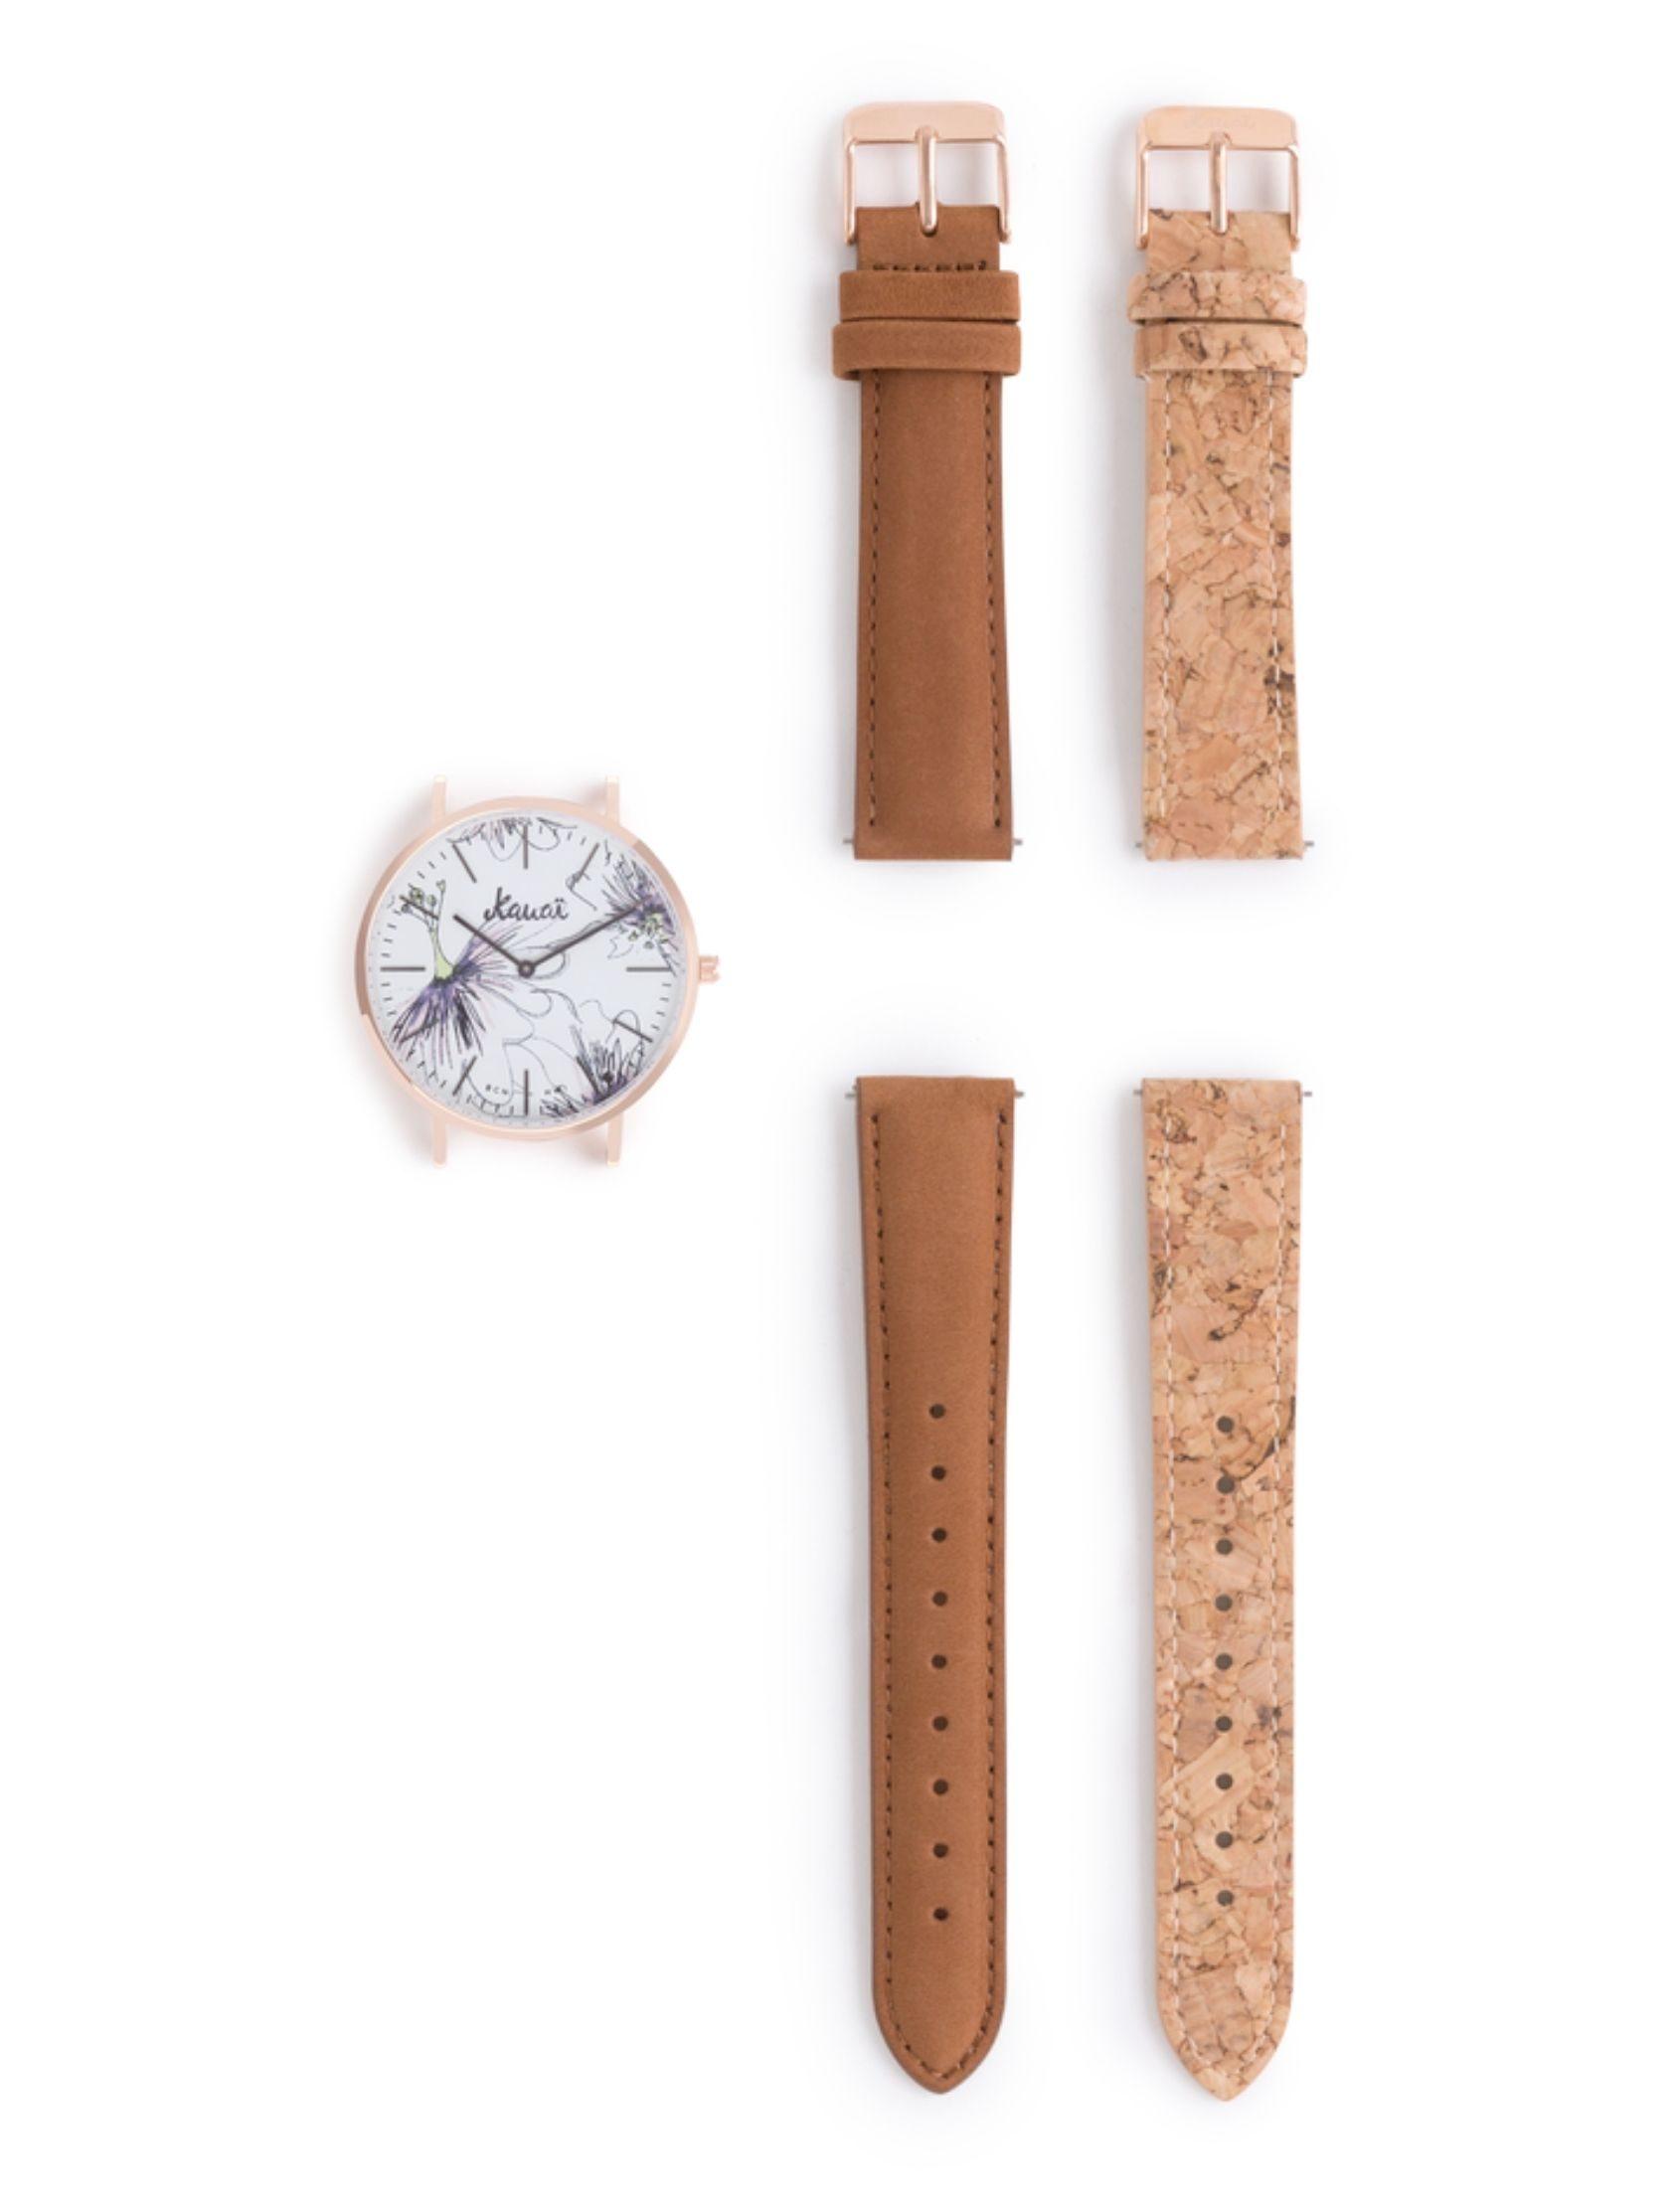 pack reloj napali pua de kauai watches. COn dos correas una de cuero y otra de corcho.